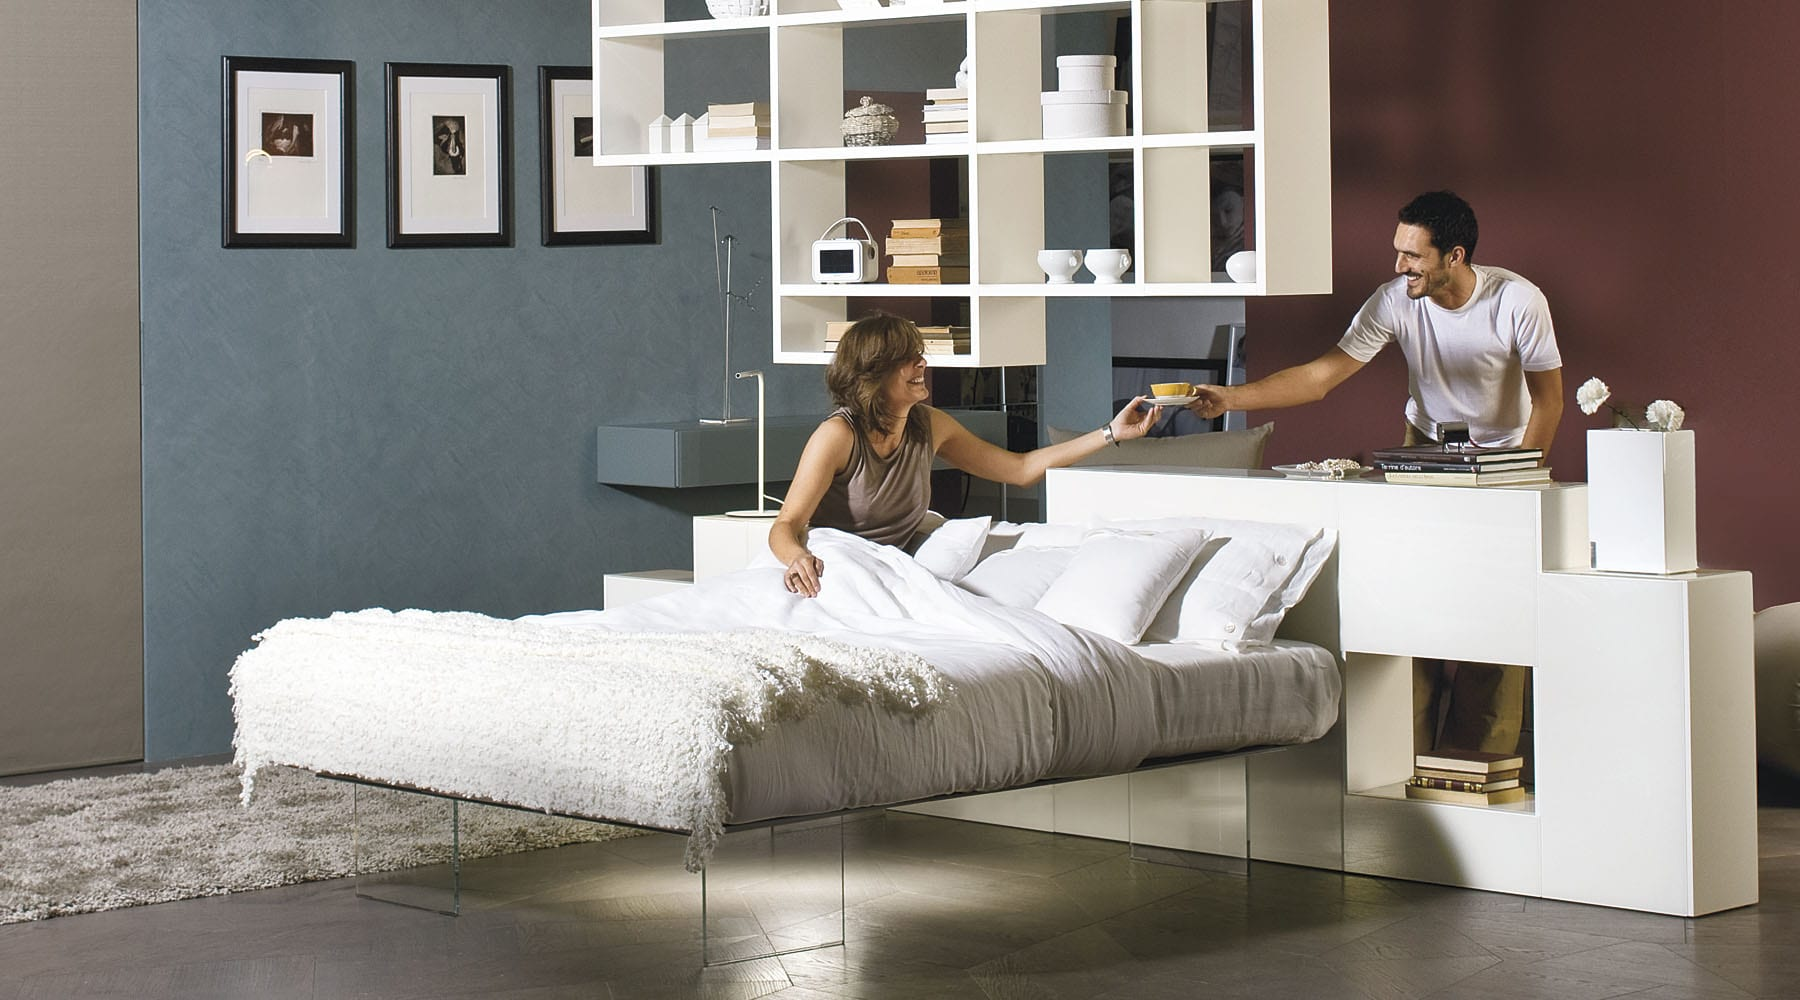 kleines wohnzimmer mit bett und modernen weißen Regalen als Raumtrennug und wandfarbe blau und lilla